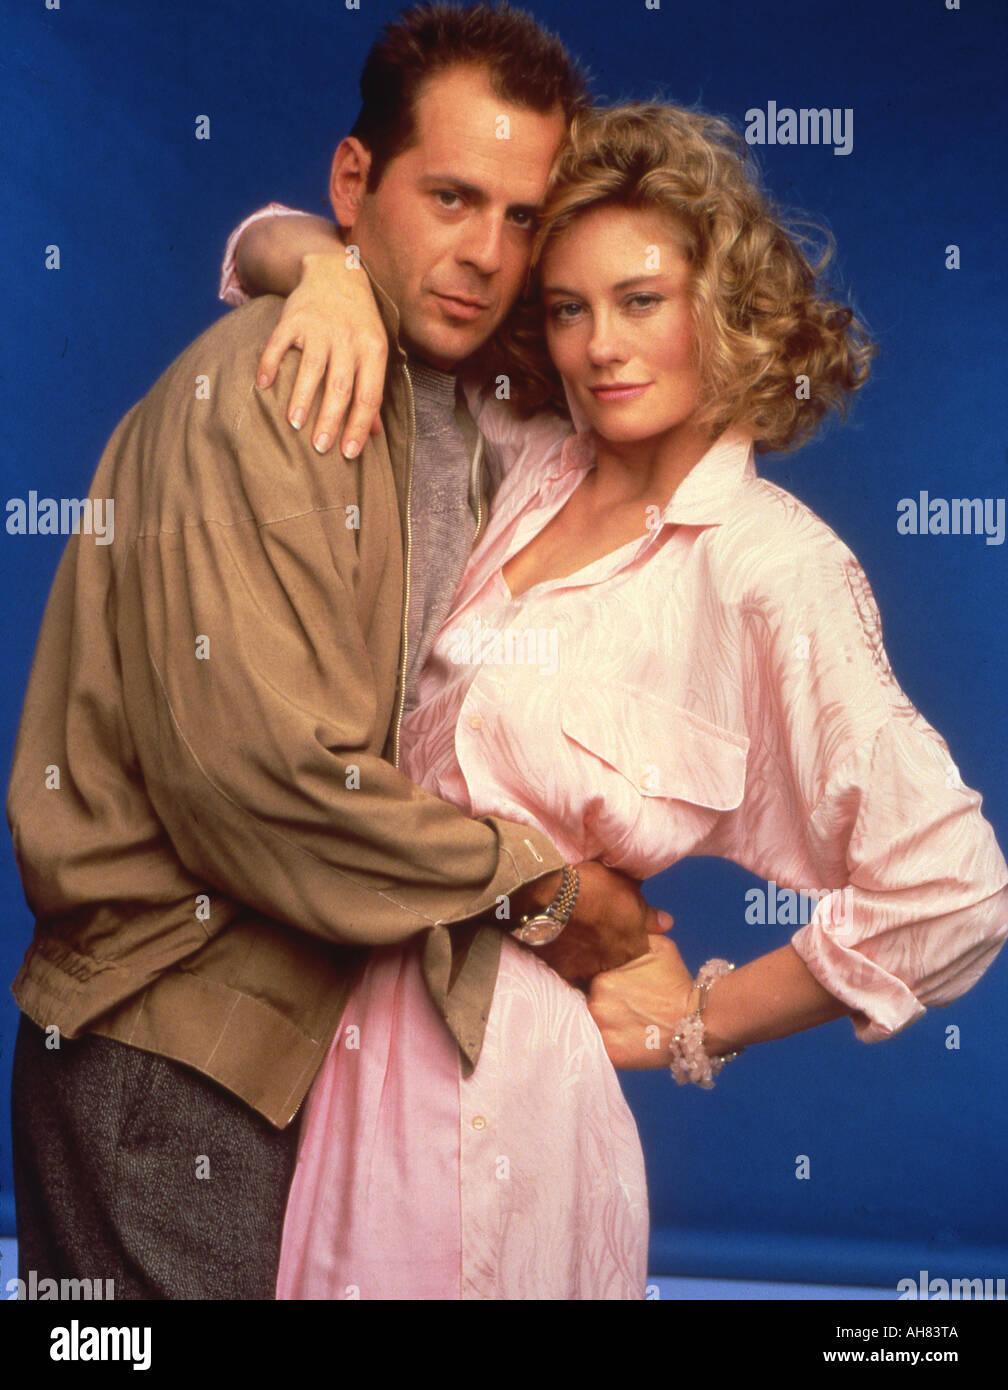 Schwarzarbeit 1980er Jahren US-Fernsehserie Bruce Willis und Cybill Shepherd Stockbild